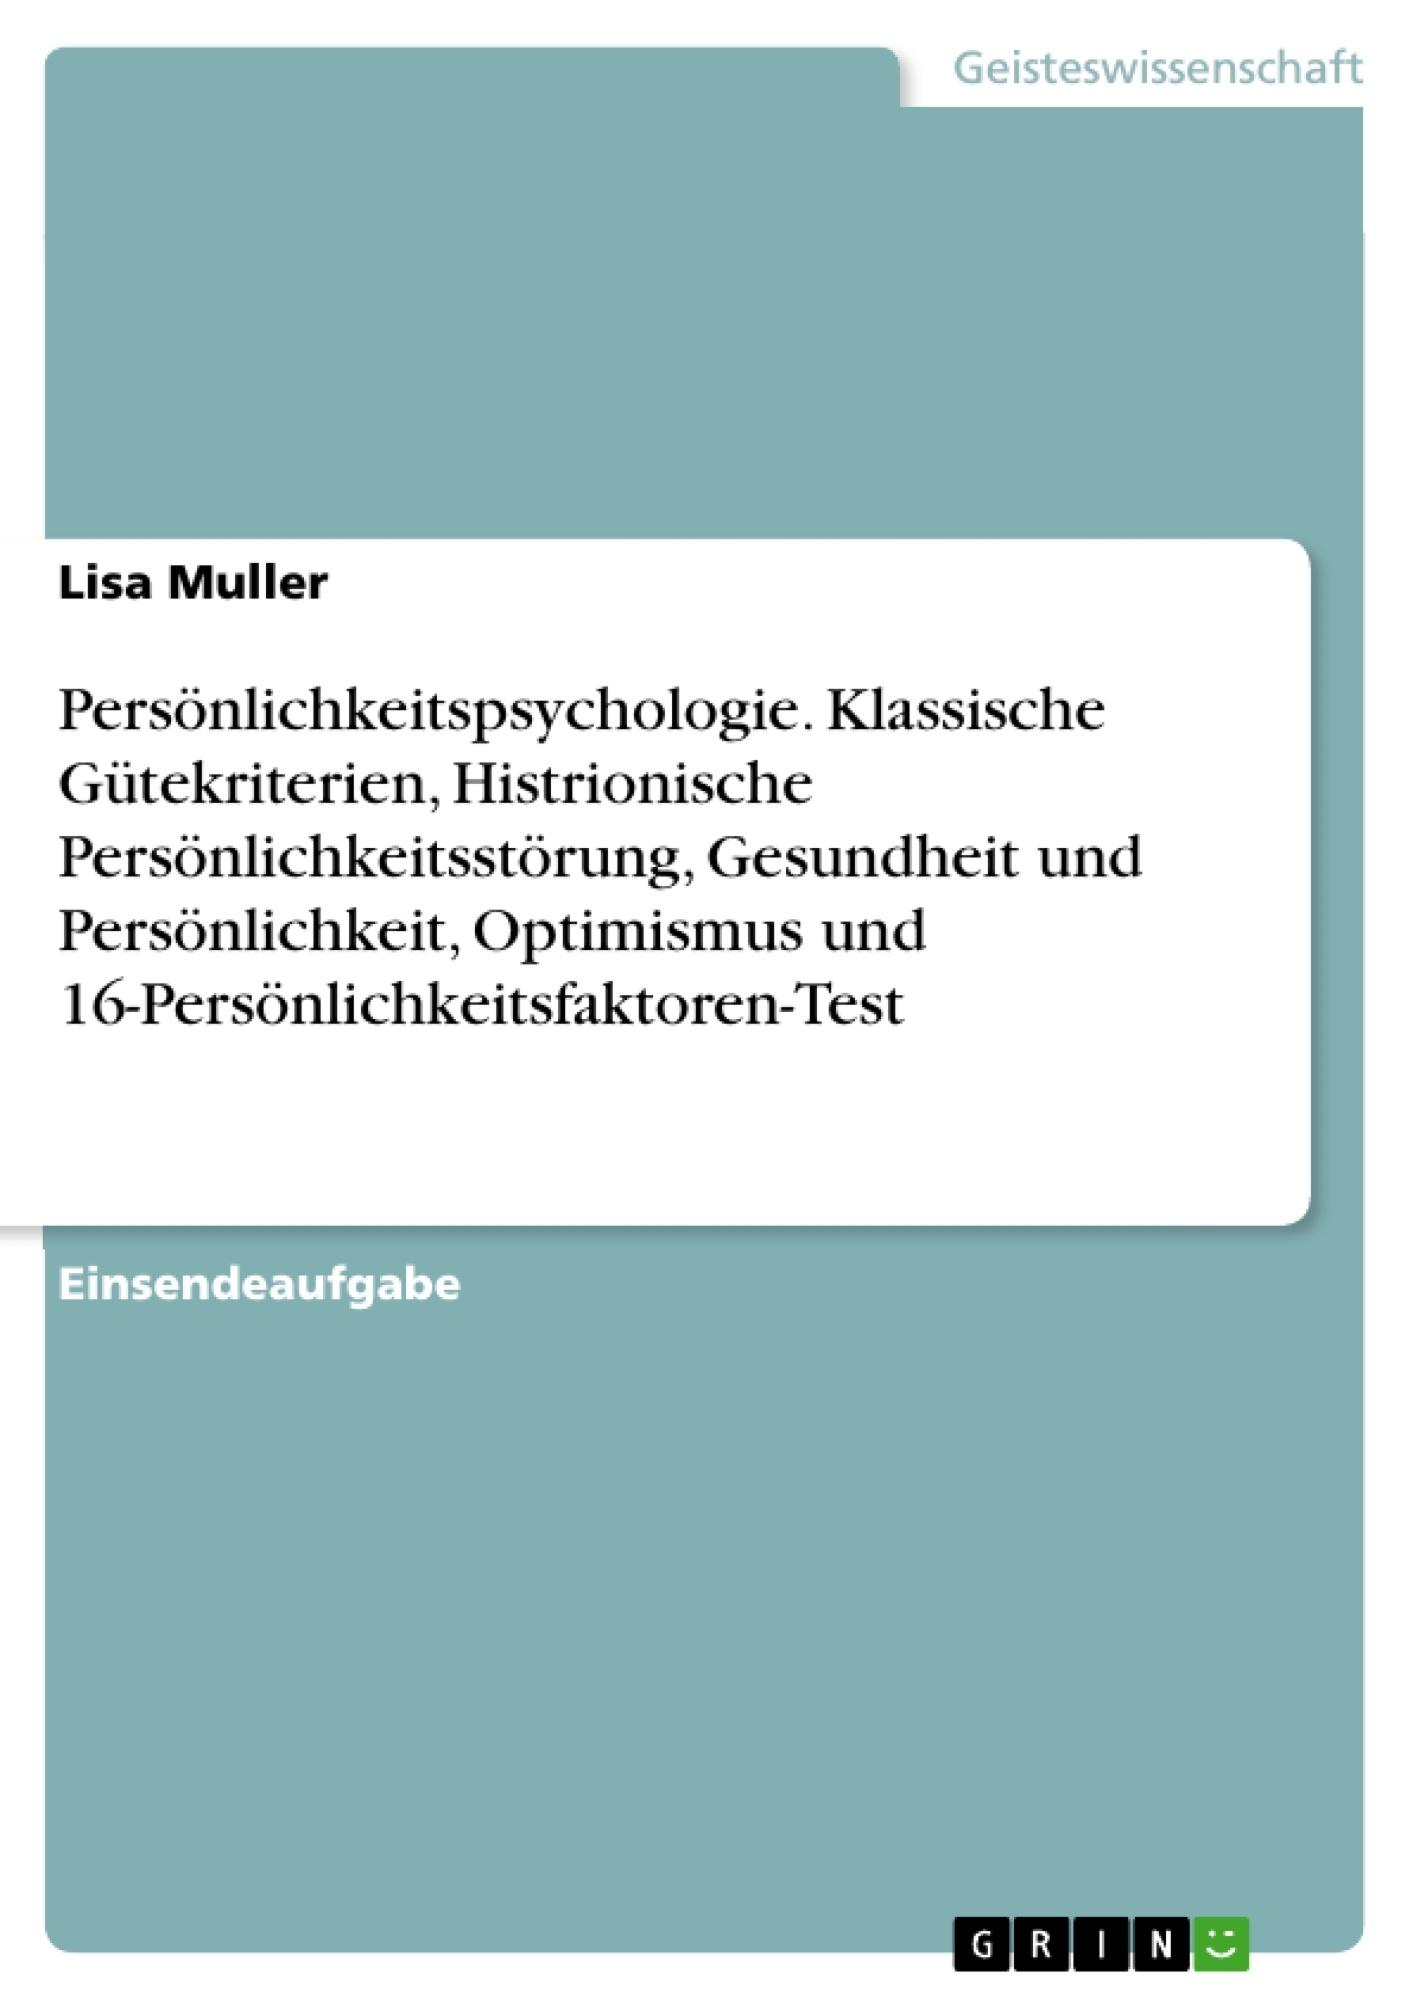 Titel: Persönlichkeitspsychologie. Klassische Gütekriterien, Histrionische Persönlichkeitsstörung, Gesundheit und Persönlichkeit, Optimismus und 16-Persönlichkeitsfaktoren-Test